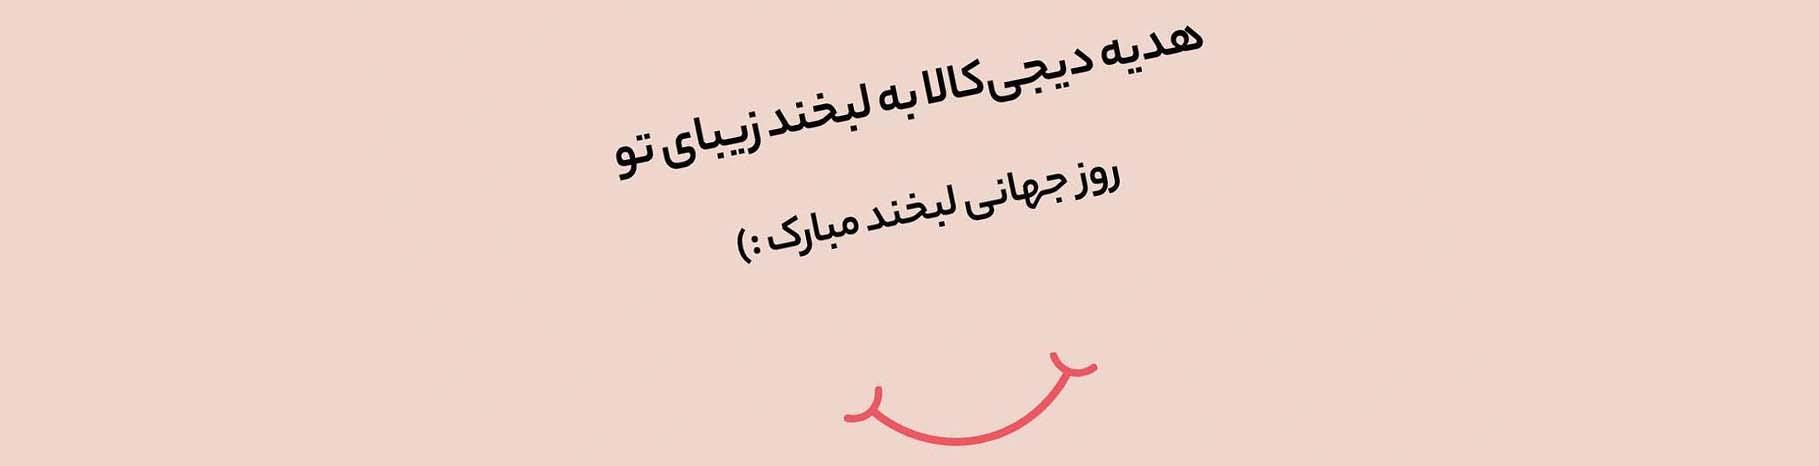 """بازاریابی و مدیریت رویداد ها در اینستاگرام در روز جهانی لبخند و کمپین """" هدیه دیجی کالا به لبخند زیبای تو """""""